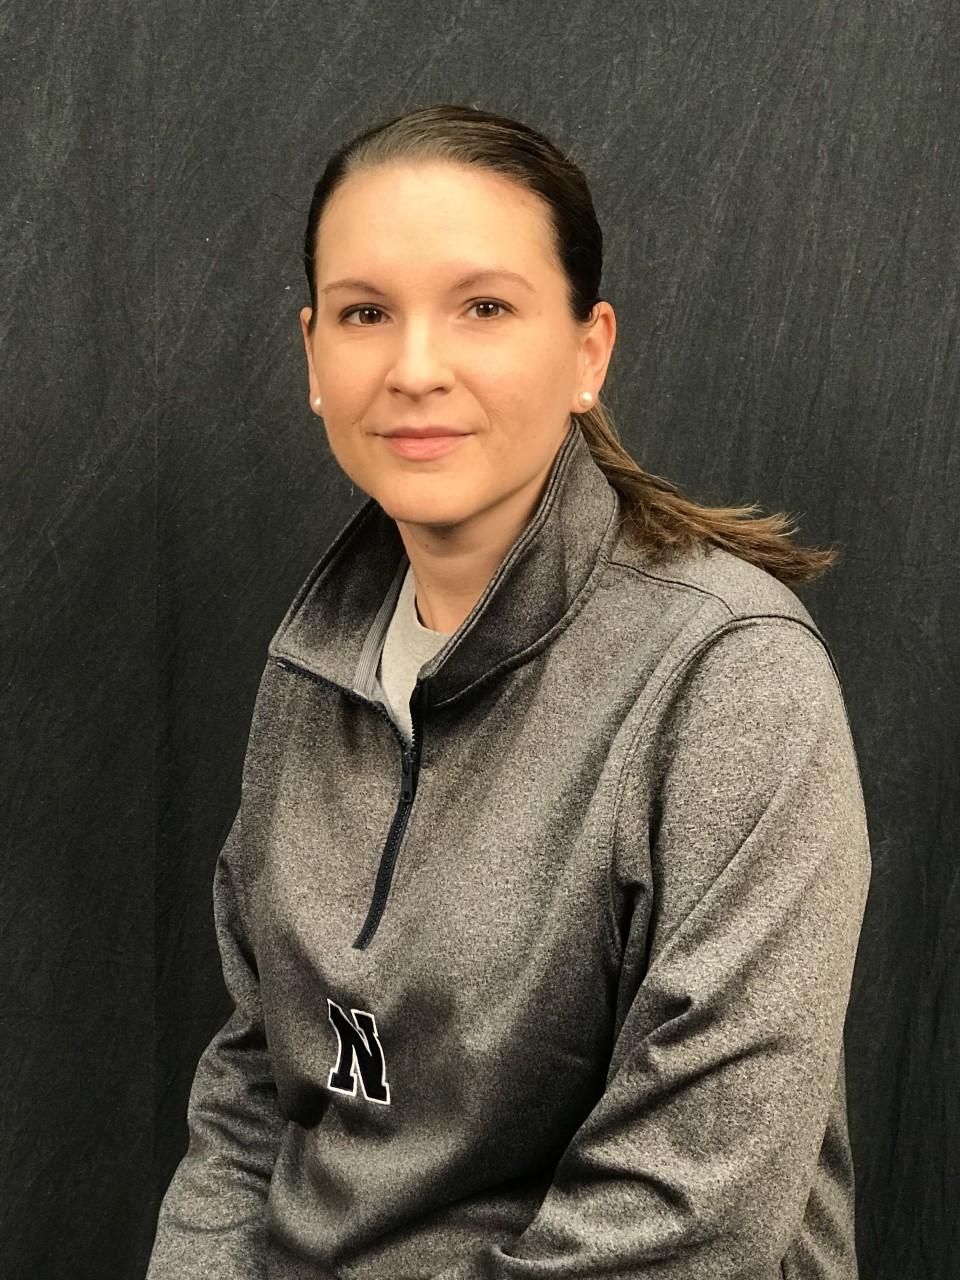 Lori Walker